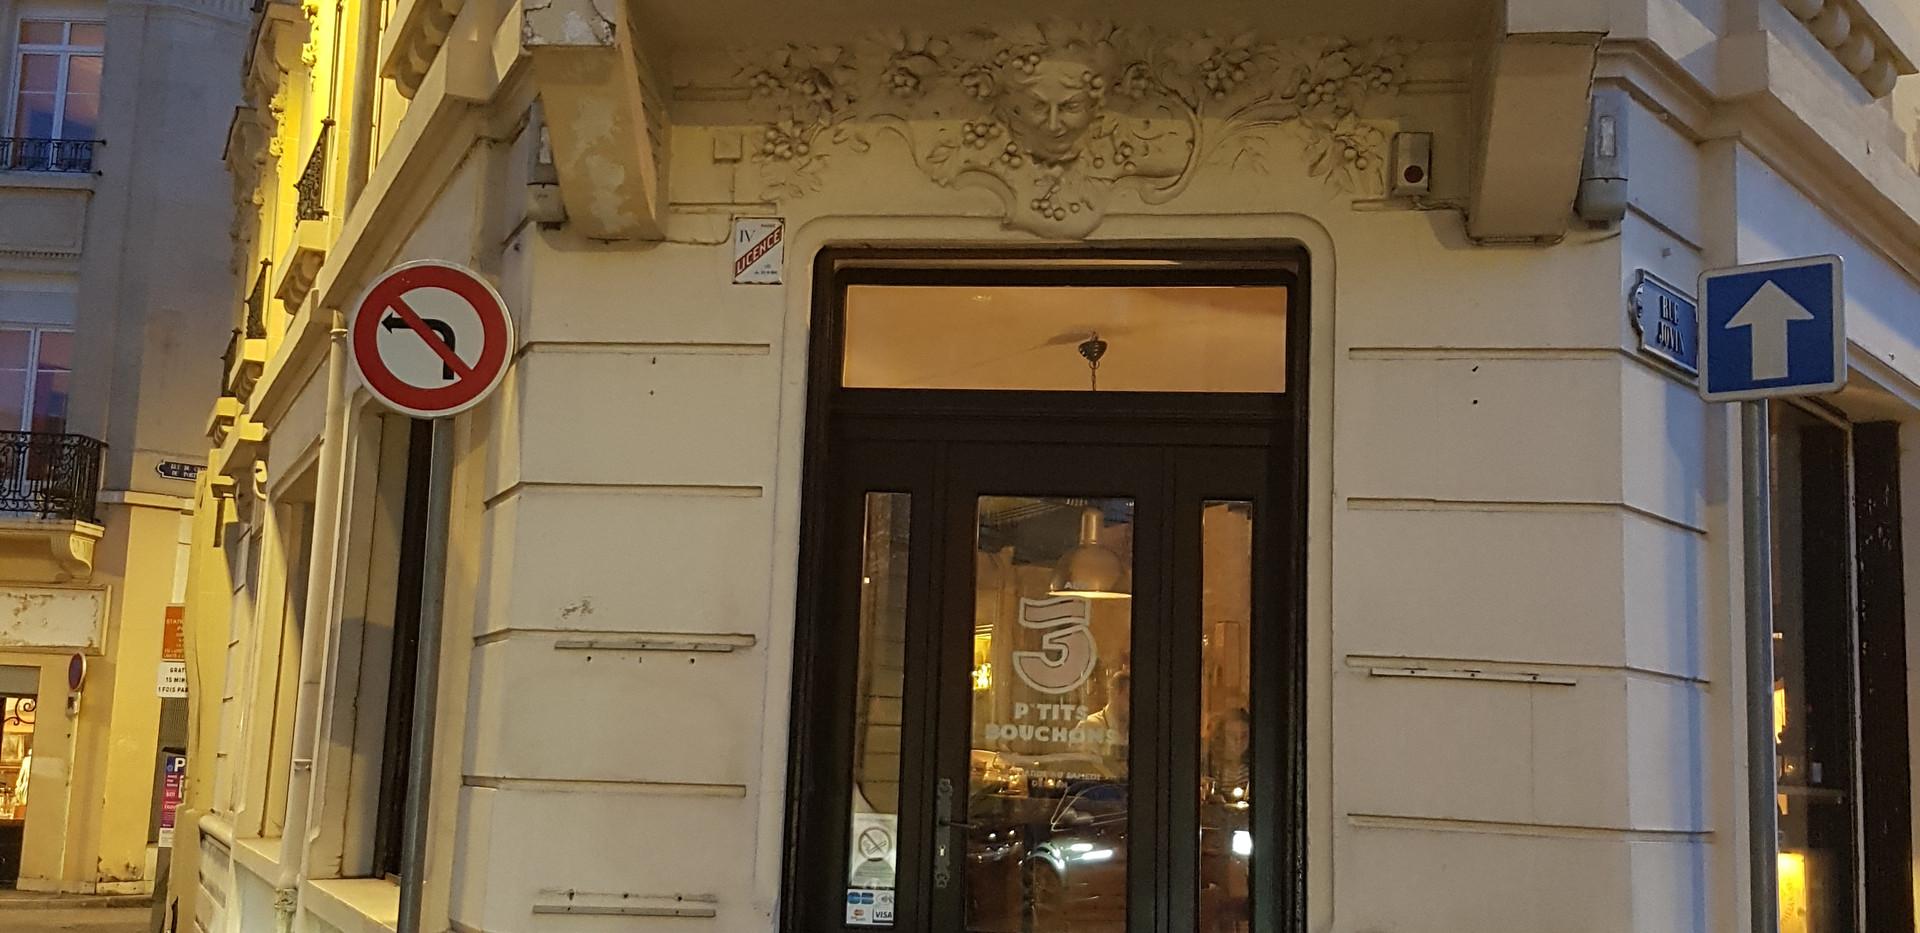 Aux 3 P'tits Bouchons - Reims